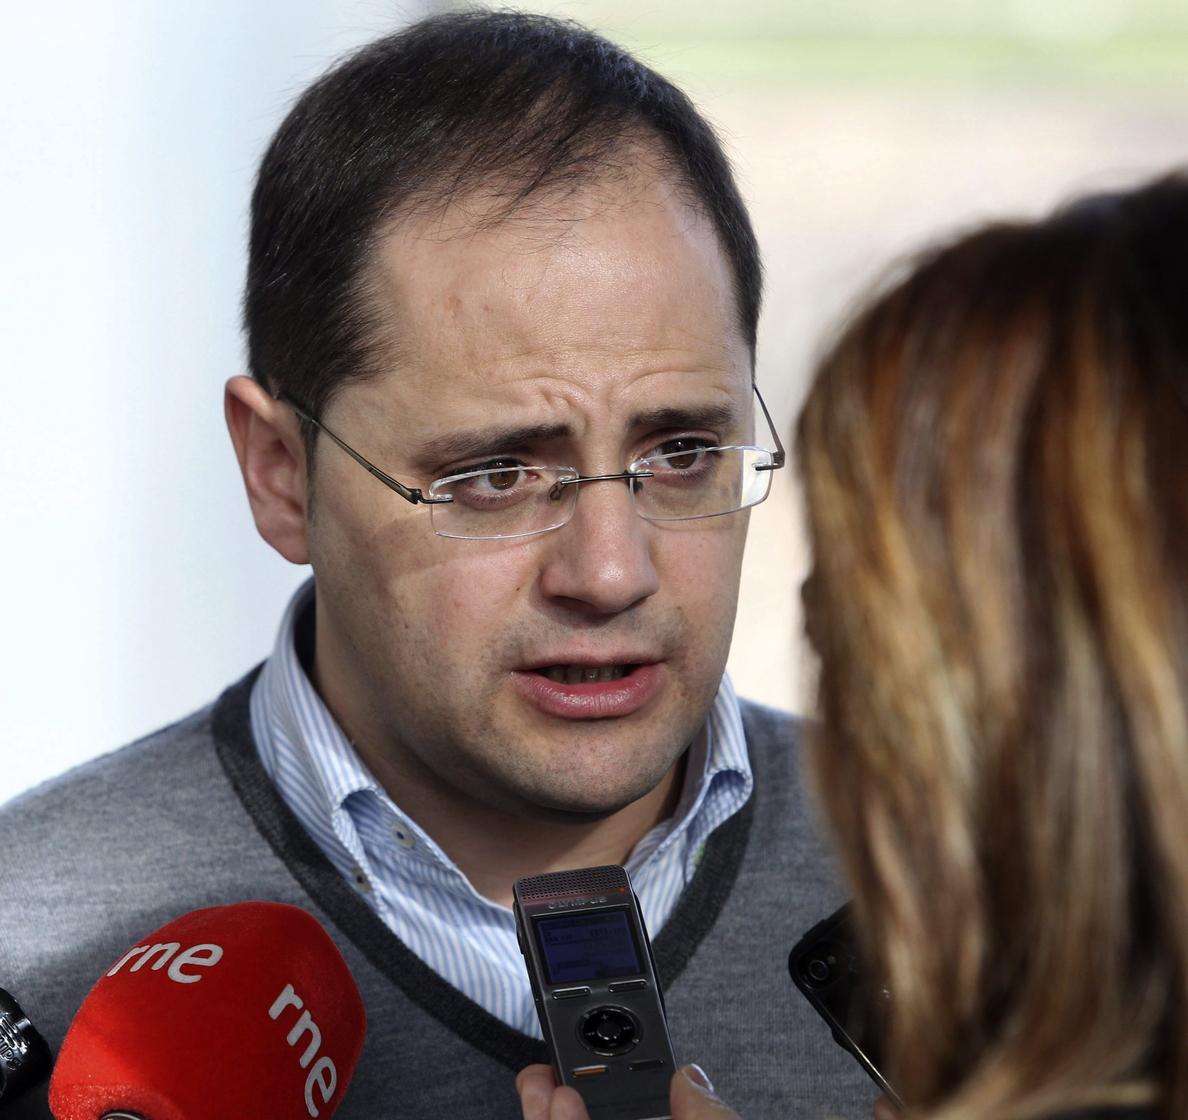 El PSOE no cree que lo de Grecia pase en España ni que gobierne Podemos